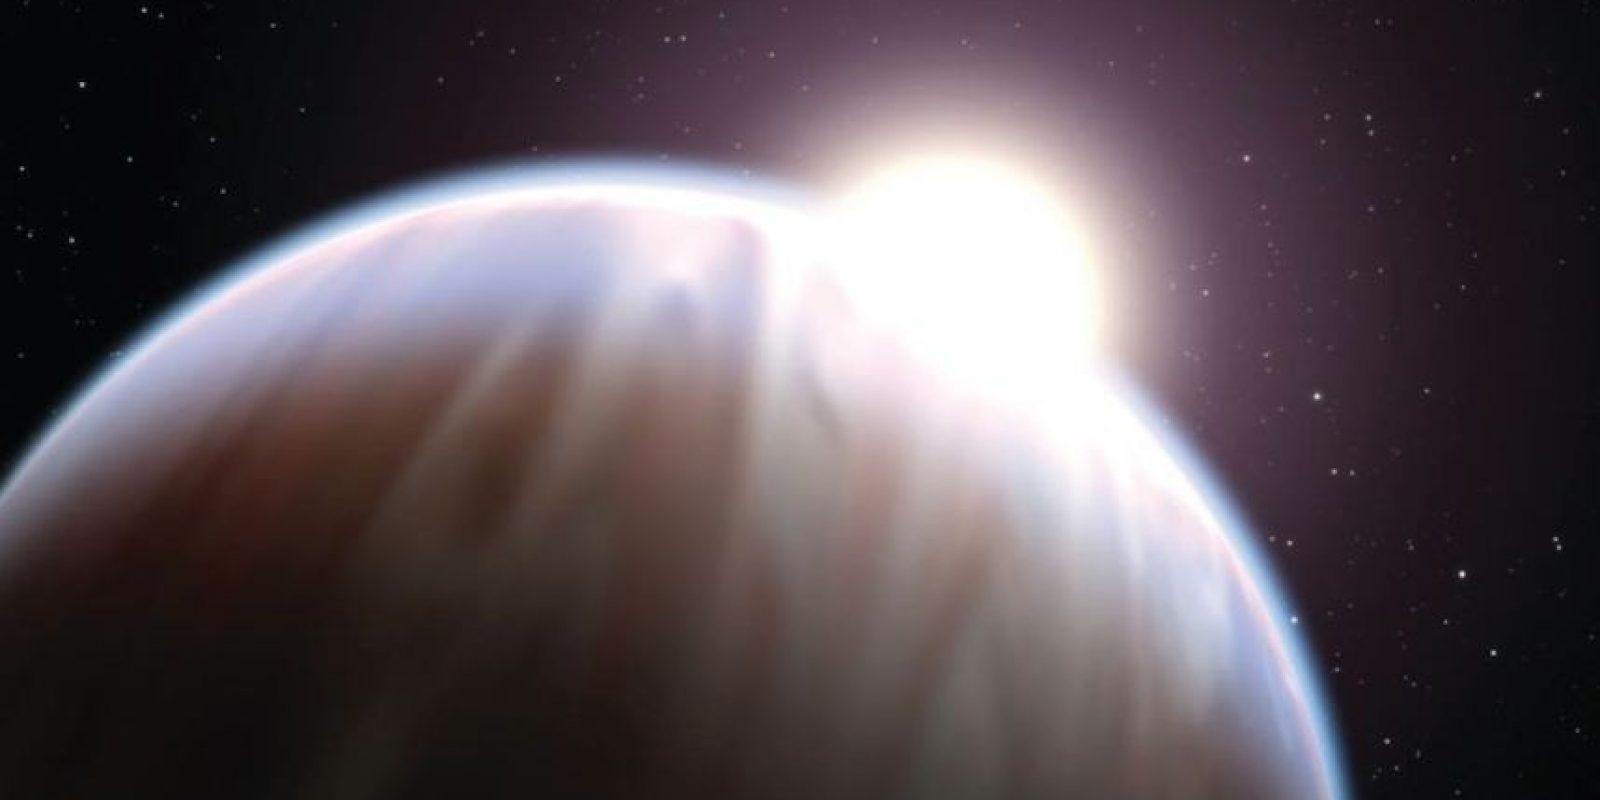 Al momento del lanzamiento del Hubble, en 1990, los astrónomos no habían encontrado un solo planeta fuera de nuestro sistema solar. Ahora hay más de 400 planetas extrasolares, la mayoría de ellos descubiertos por los telescopios terrestres. Pero Hubble ha hecho algunas contribuciones únicas a la búsqueda de planetas. Mirando el ocupado bulto de nuestra Vía Láctea, Hubble observó 180 mil estrellas y encontró 16 posibles mundos que orbitan una variedad de estrellas. Foto:Hubble